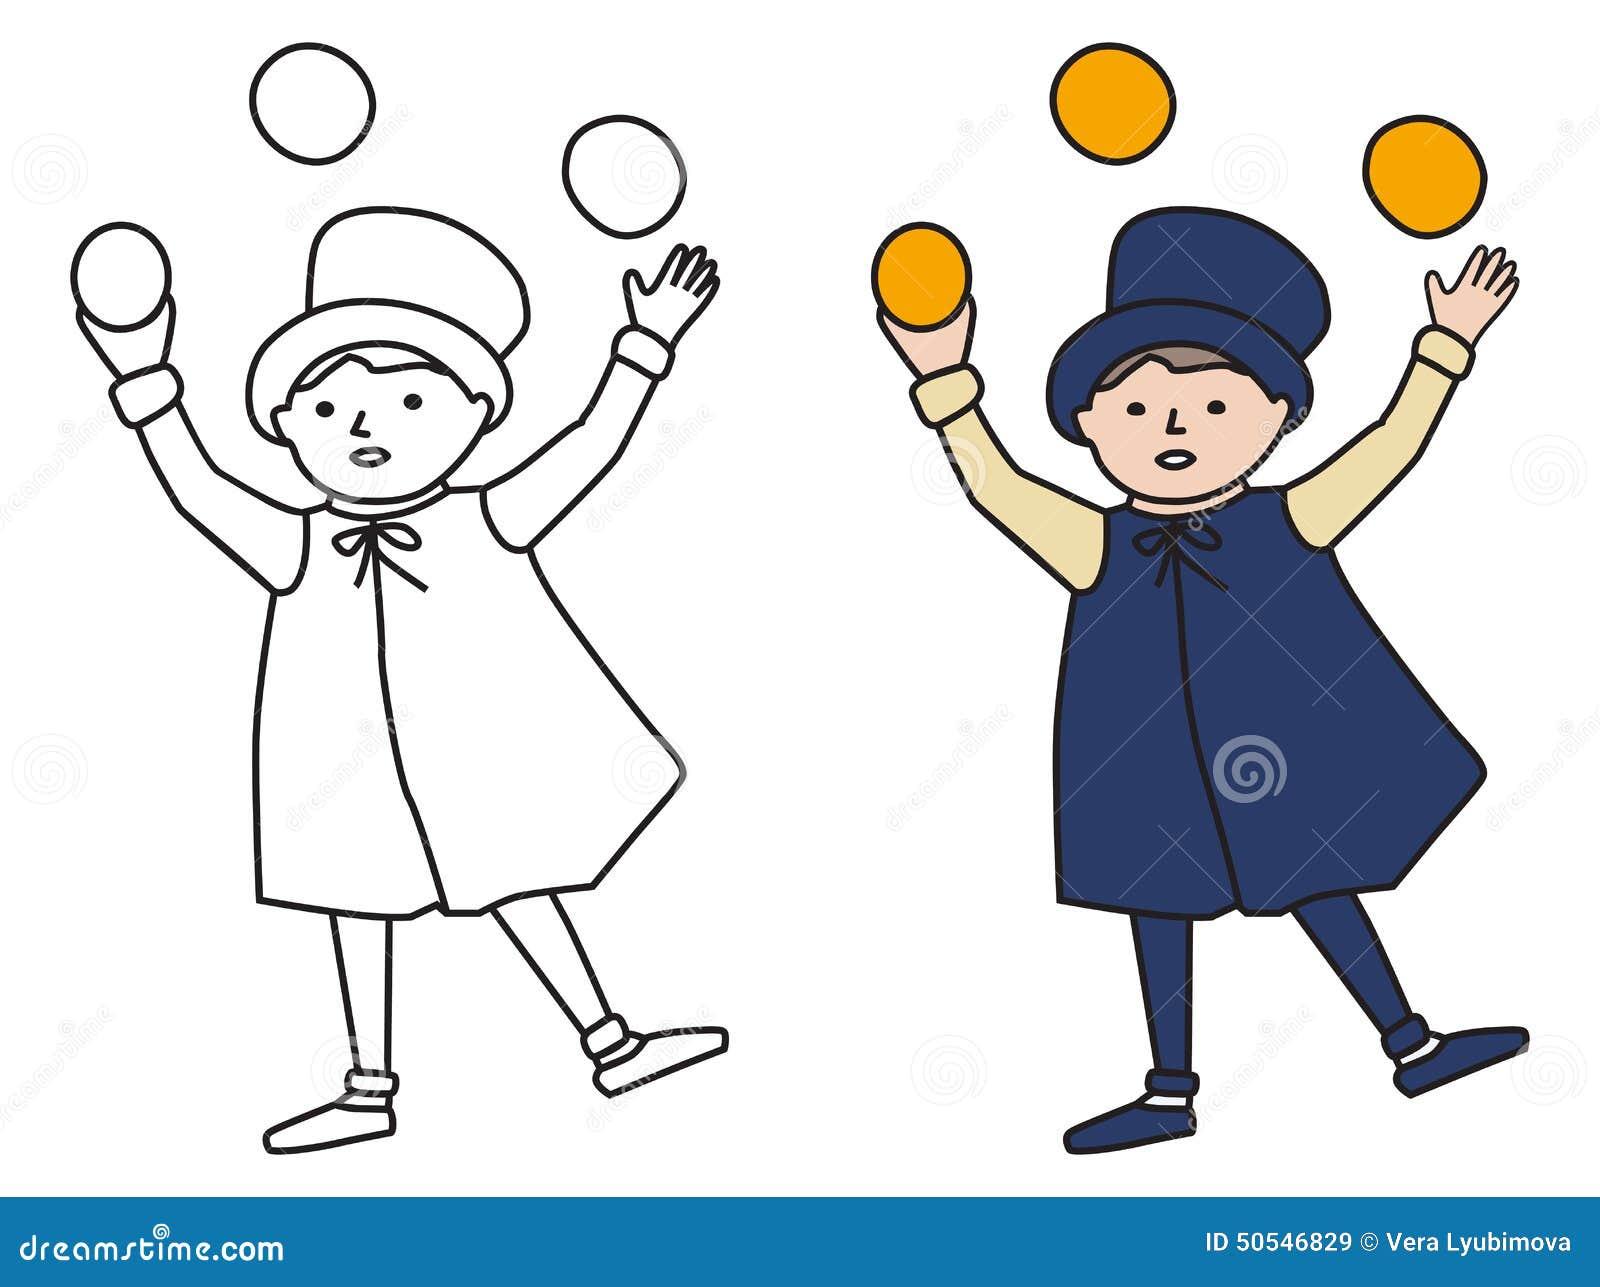 Cartooned Grafisch van Juggler Boy met Malplaatje